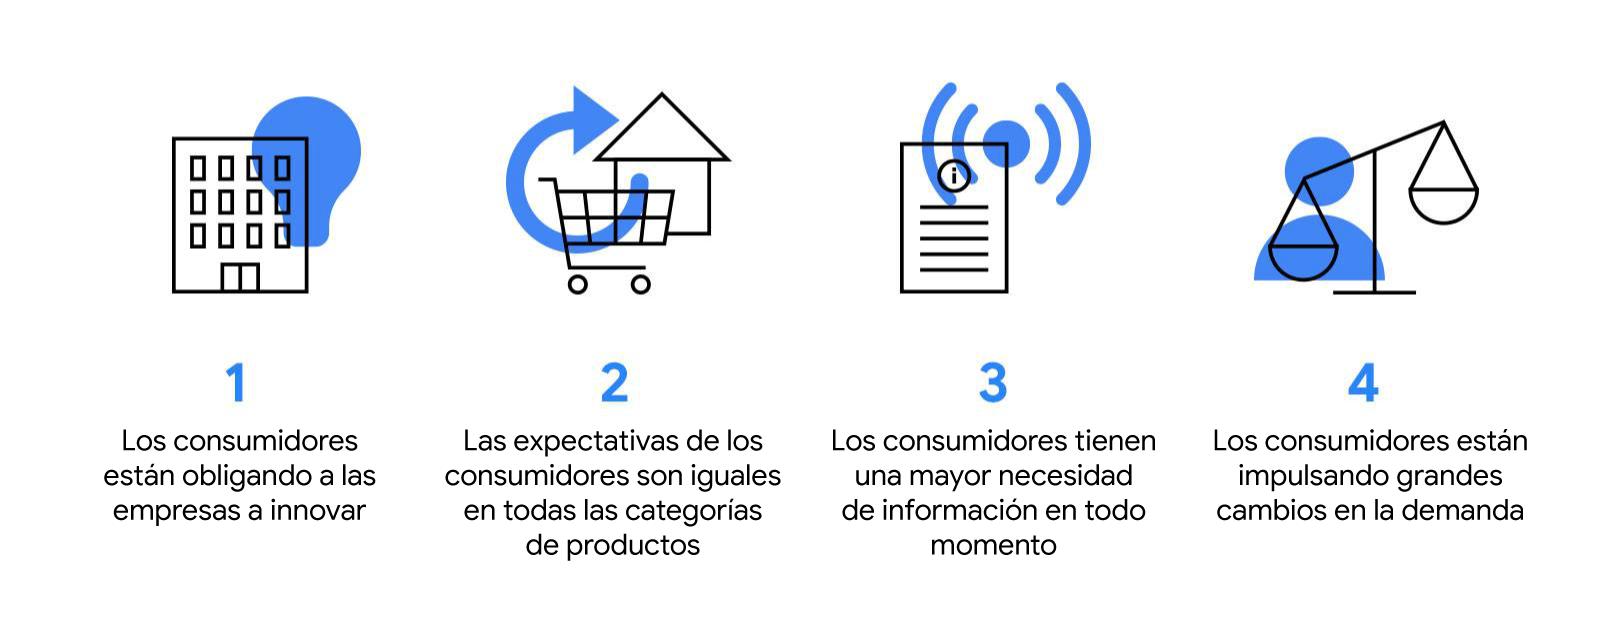 Insights de búsqueda de Google Trends: 4 cambios en el comportamiento que han transformado el comercio